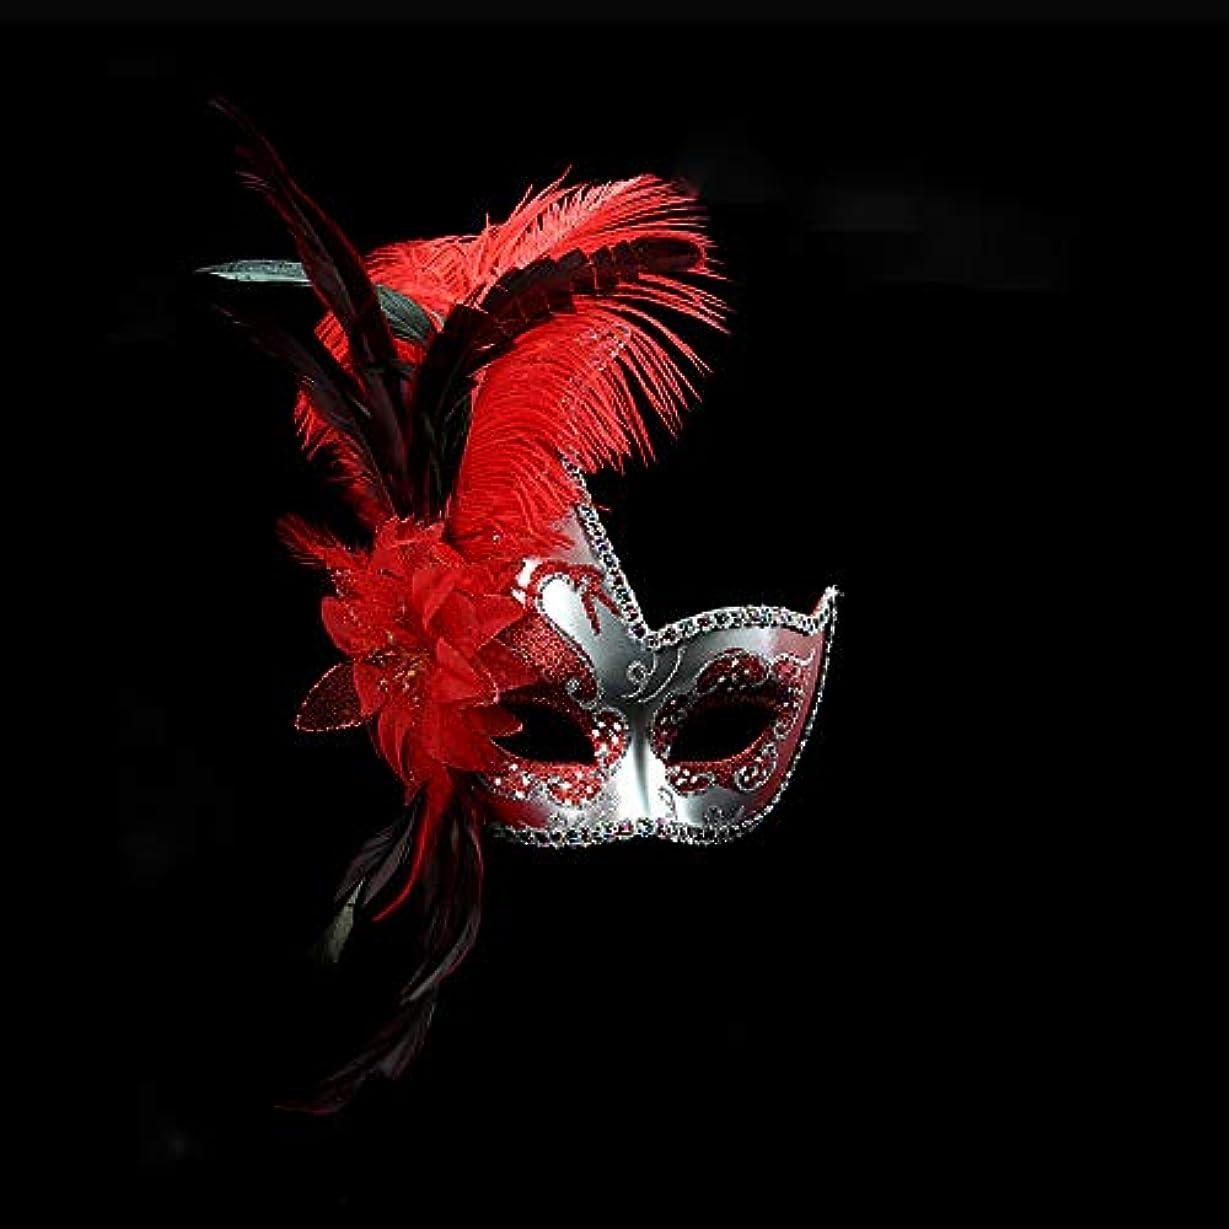 害一人でモトリーNanle ハロウィンマスクハーフフェザーマスクベニスプリンセスマスク美容レース仮面ライダーコスプレ (色 : Red)